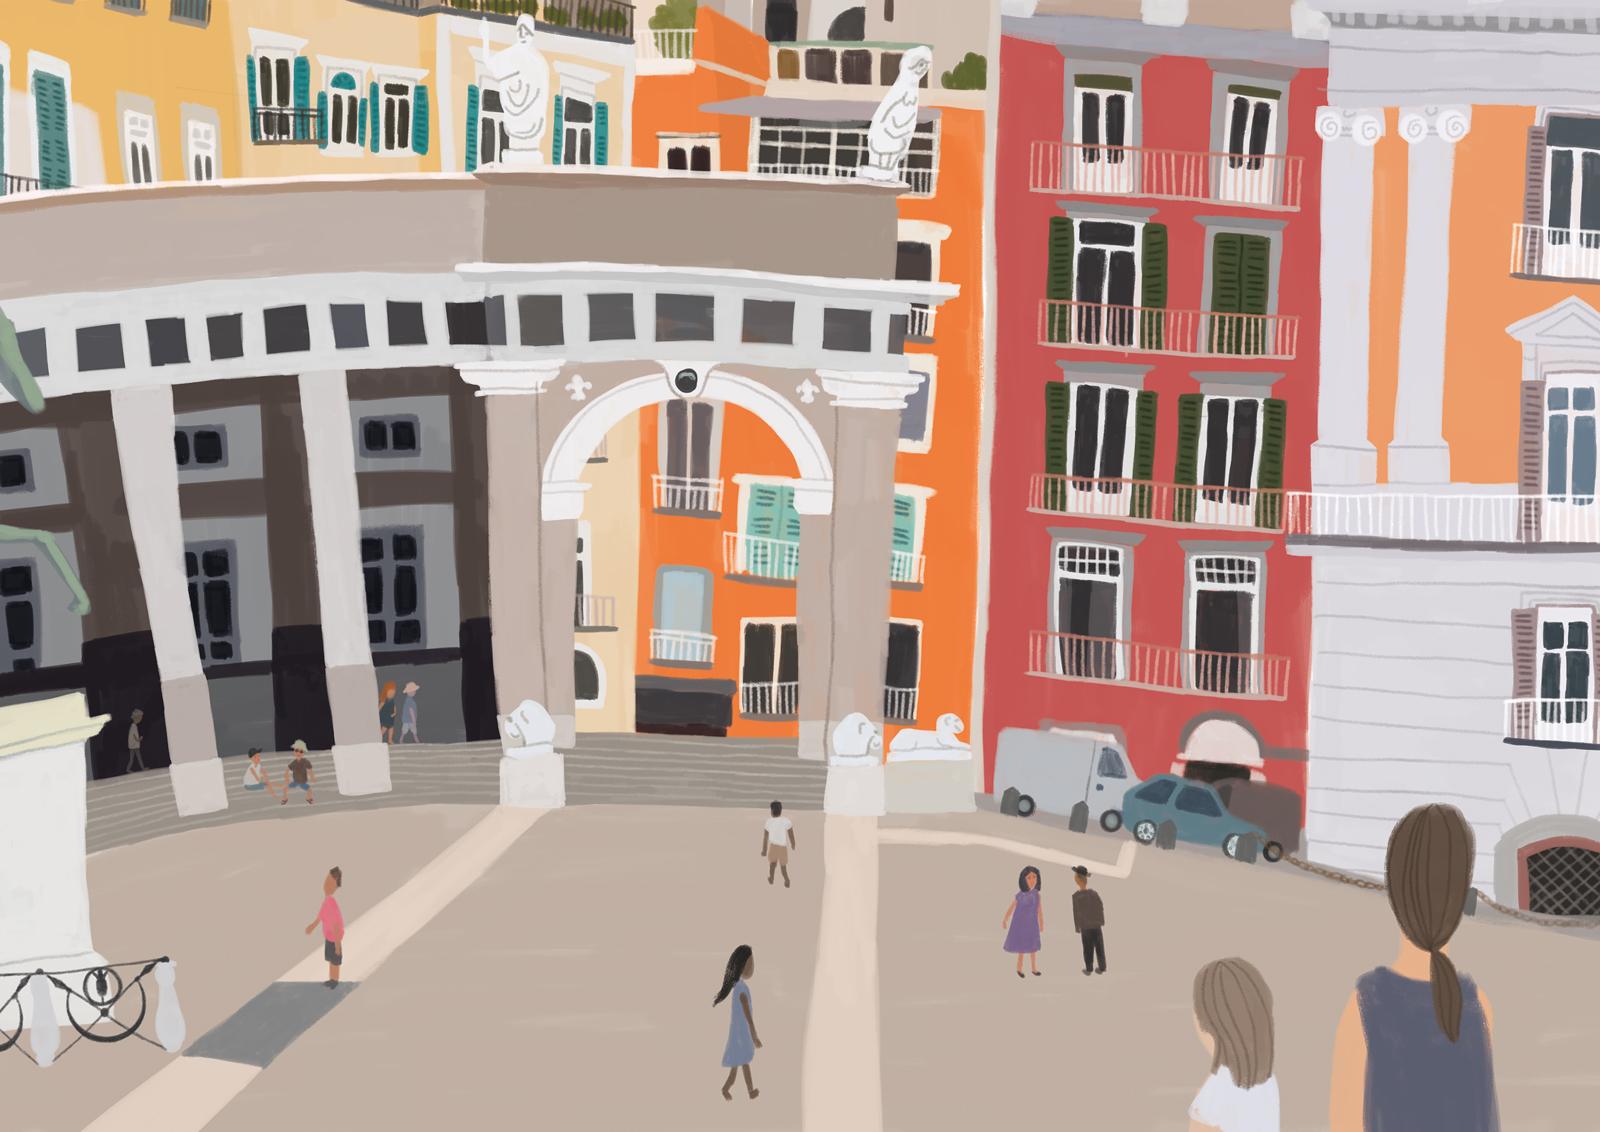 de_vuxnas-illustration-mia_olofsson-vomero-w1600